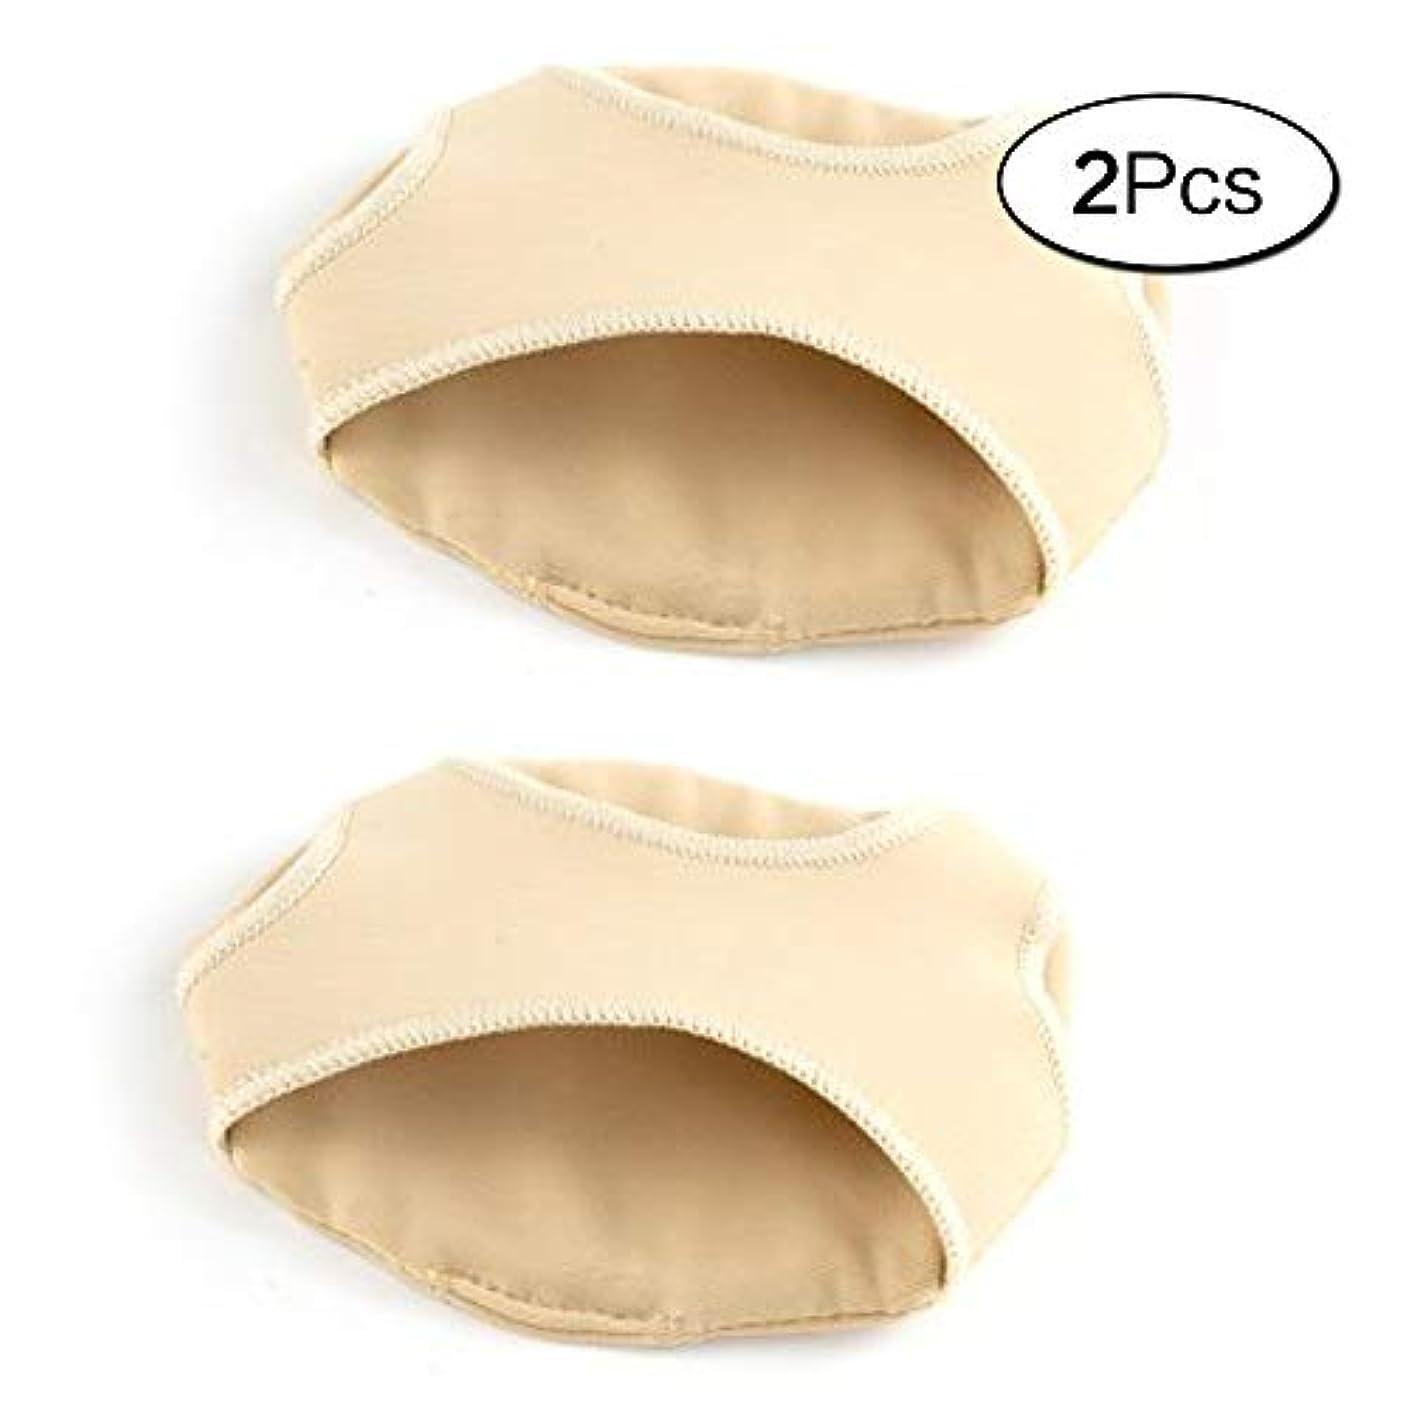 粘着性マークダウン可塑性足裏保護パッド 足裏サポート 衝撃吸収 滑り止め 快適歩行 柔らかさ